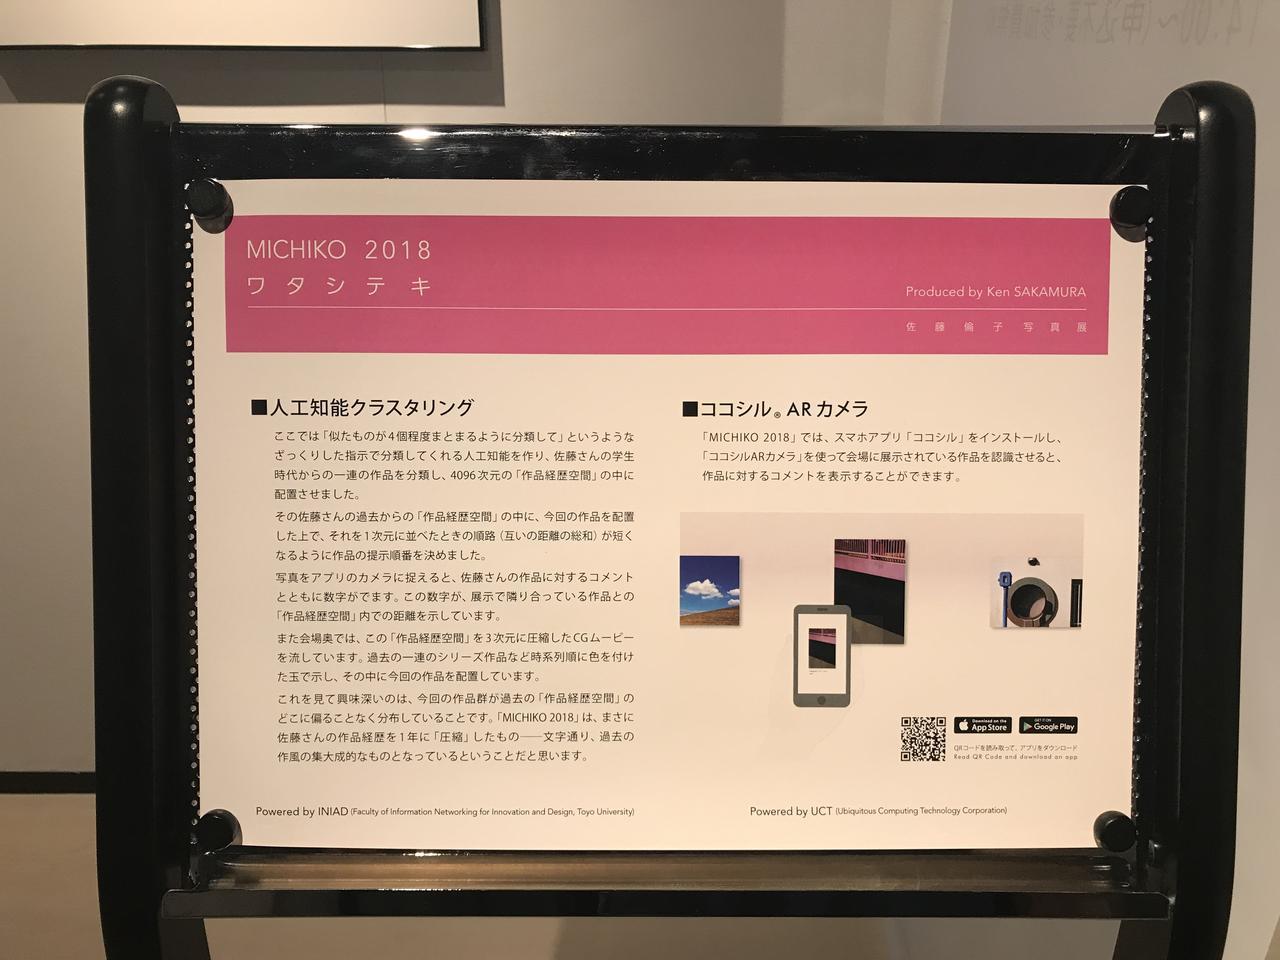 画像: ▲今回の展示は「人工知能スタイリング」で佐藤さんの学生時代からの作品を分類して、4096次元の「作品経歴空間」の中に配置させたものだという。さらにスマホアプリ「ココシル」をインストールして「ココシルARカメラ」を使用すれば、展示作品のコメントを表示することができるというハイテクも駆使!